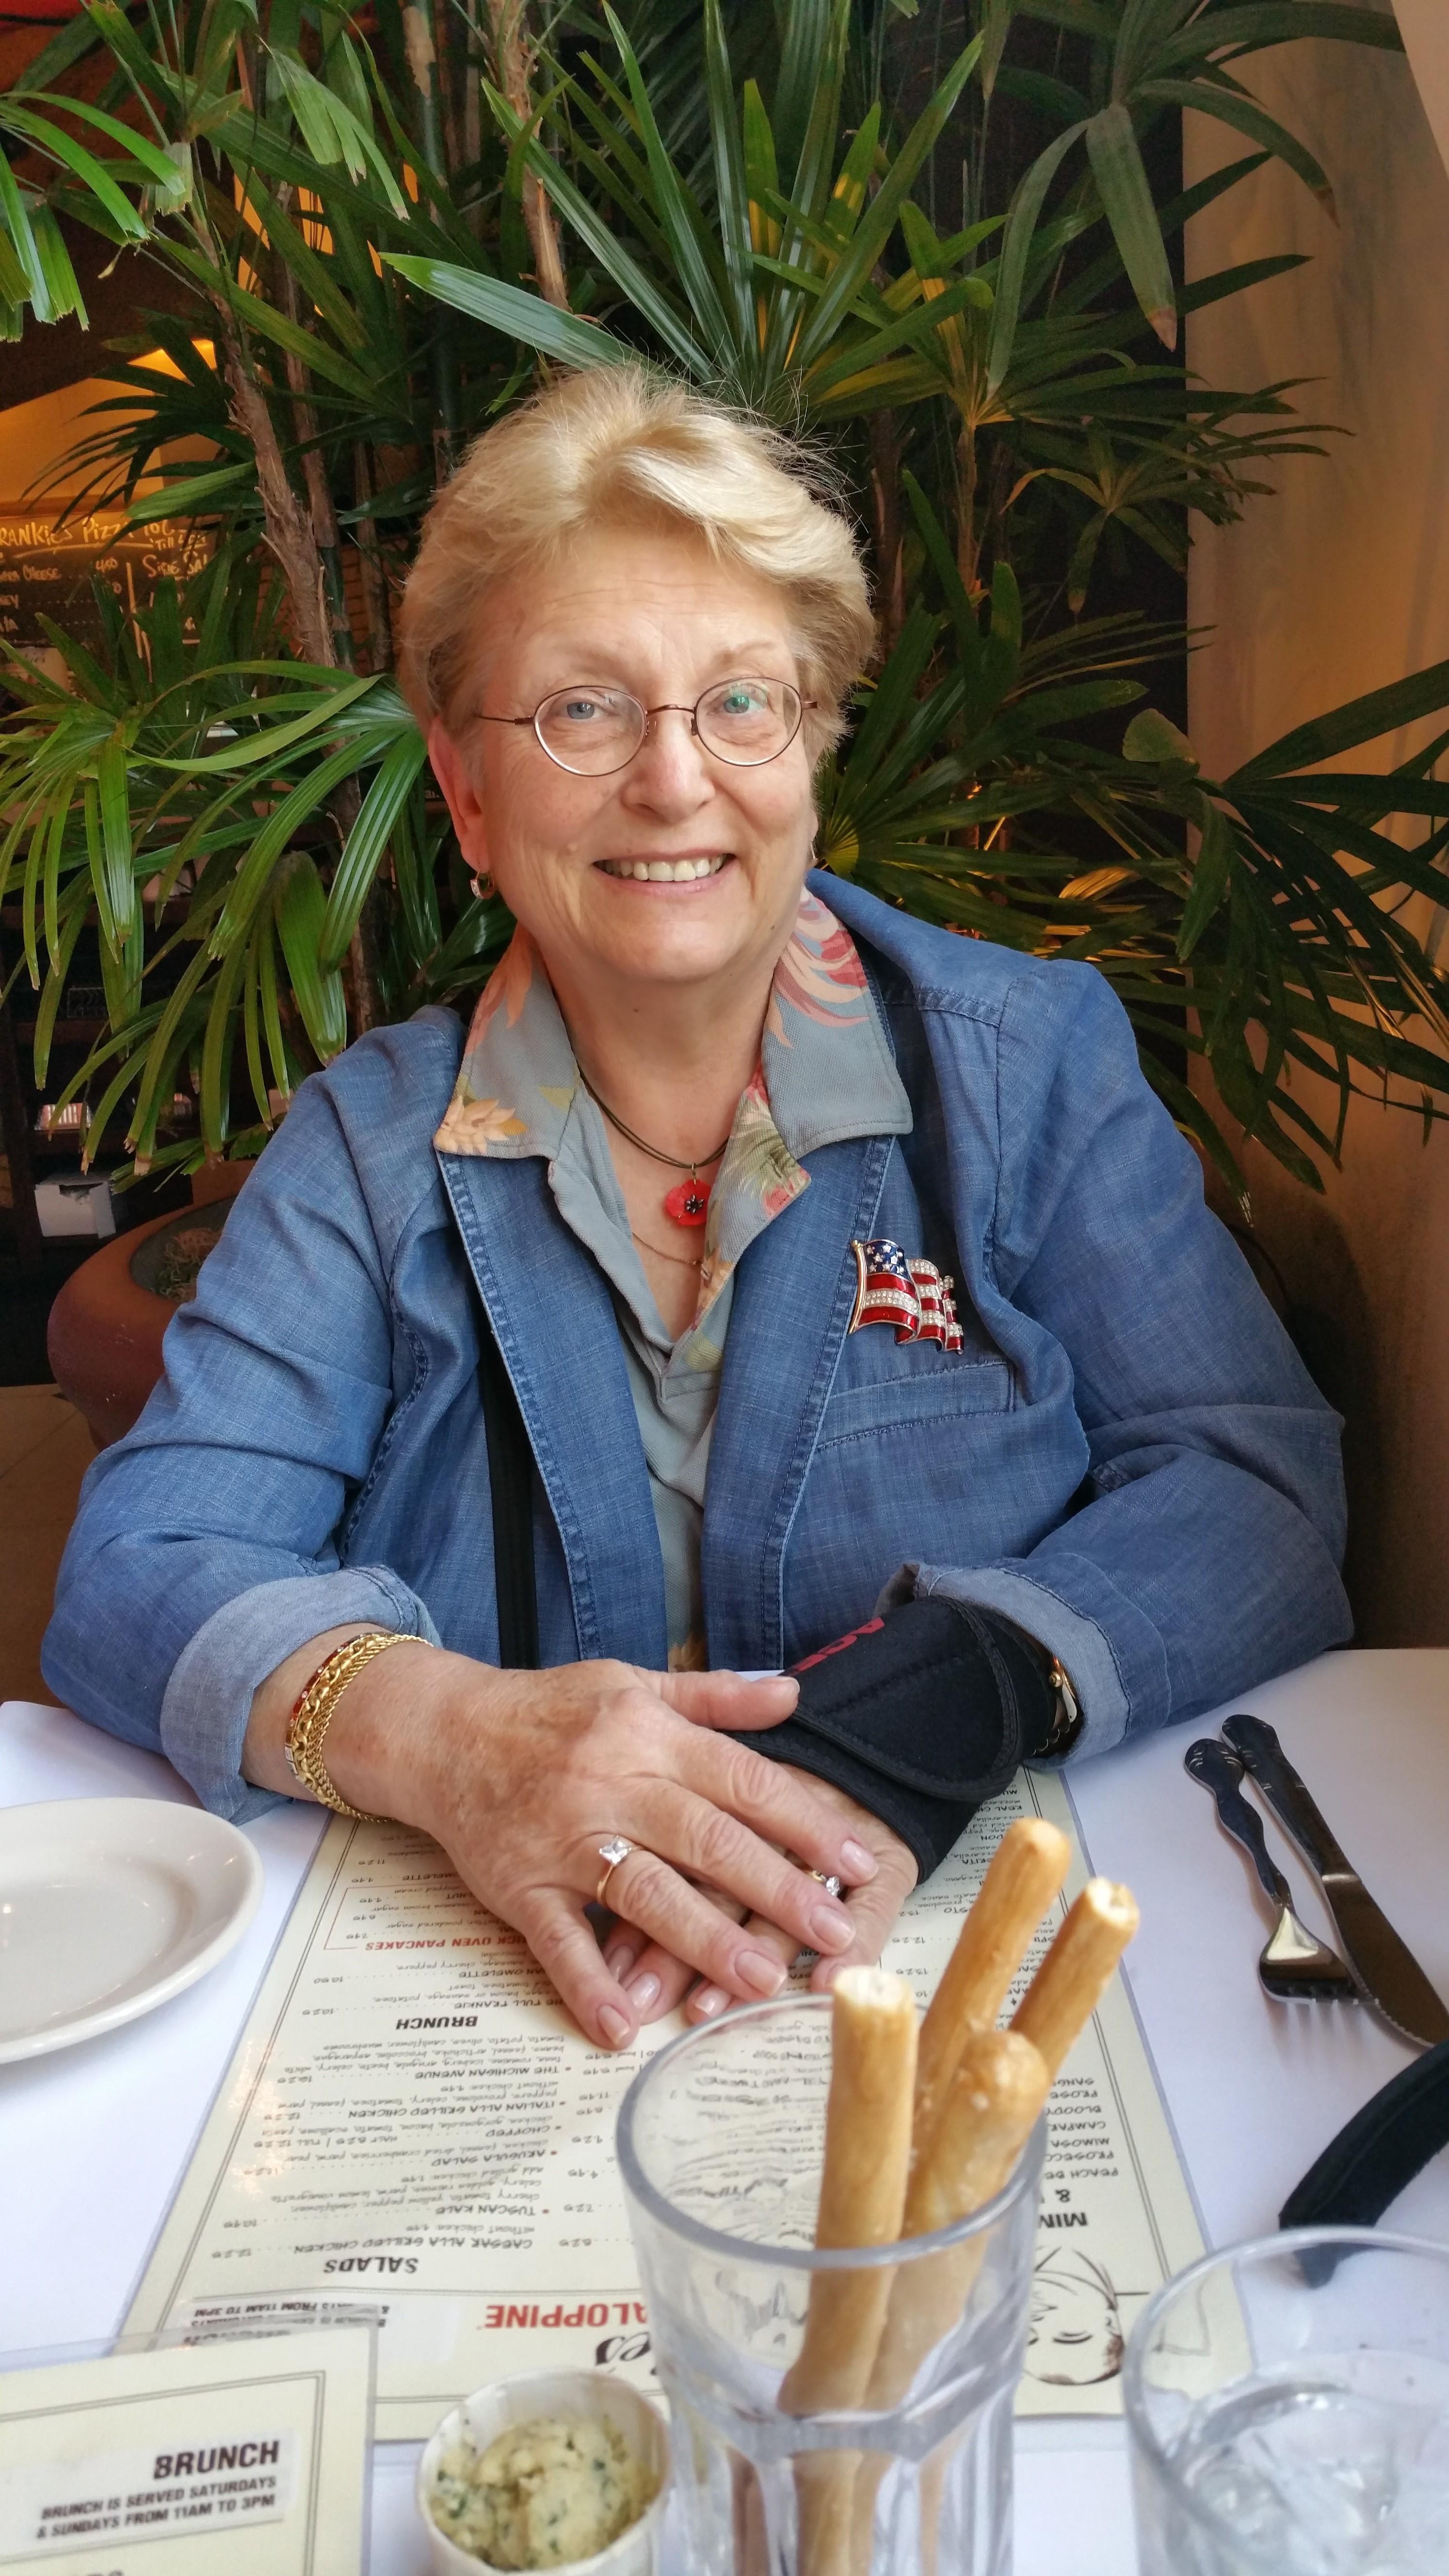 Susan Joan Accardi-Muller